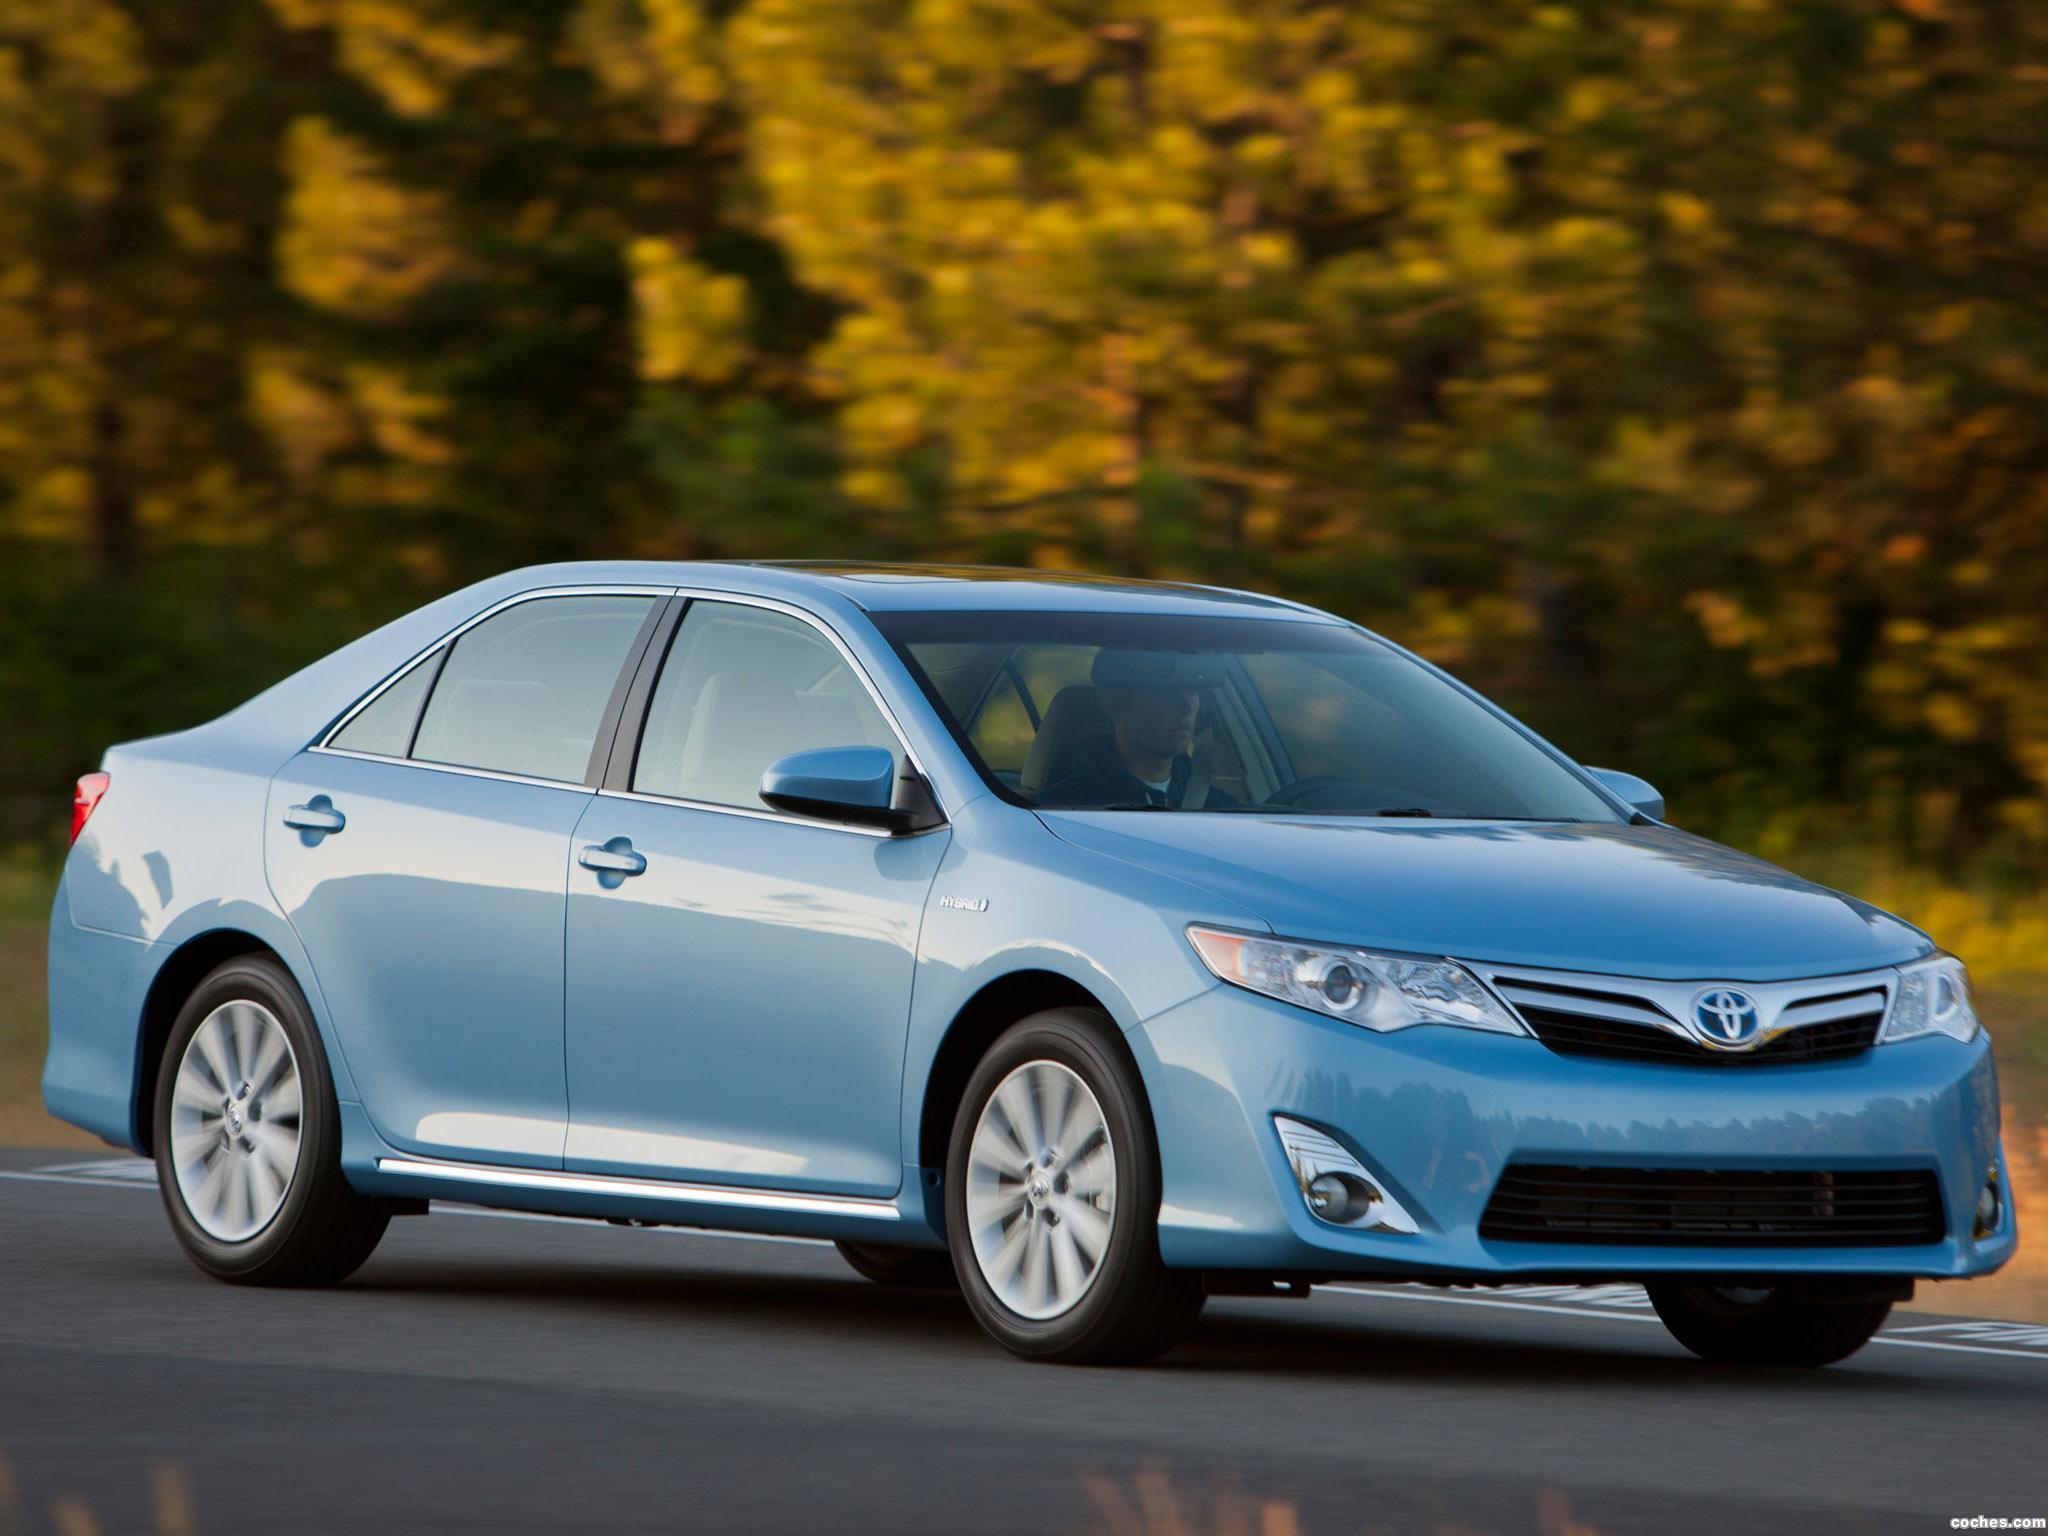 Foto 19 de Toyota Camry Hybrid 2011